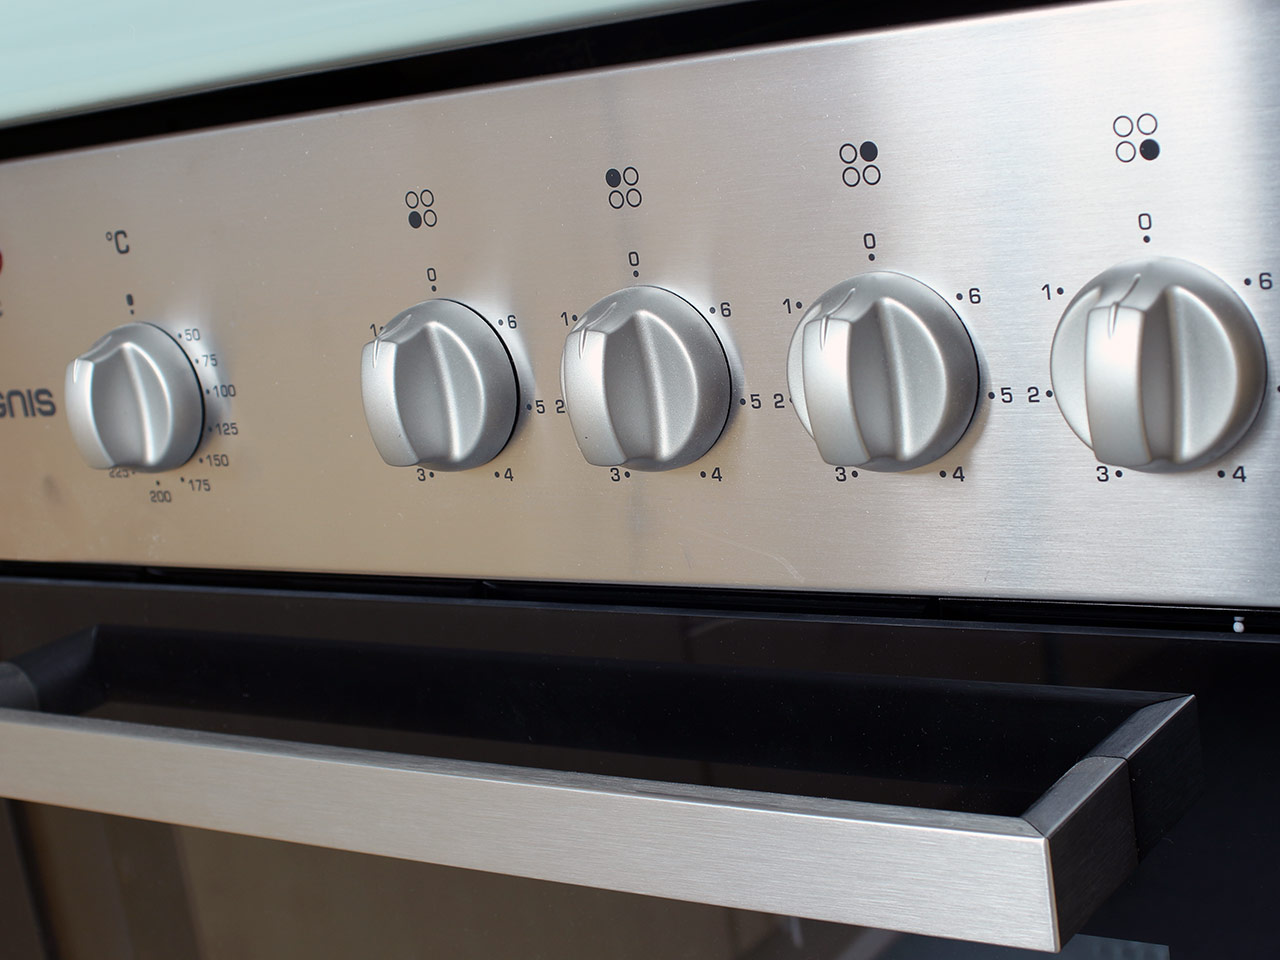 ignis aks 2010 ix einbau herdset ober unterhitze umluft grill mit glaskeramik ebay. Black Bedroom Furniture Sets. Home Design Ideas